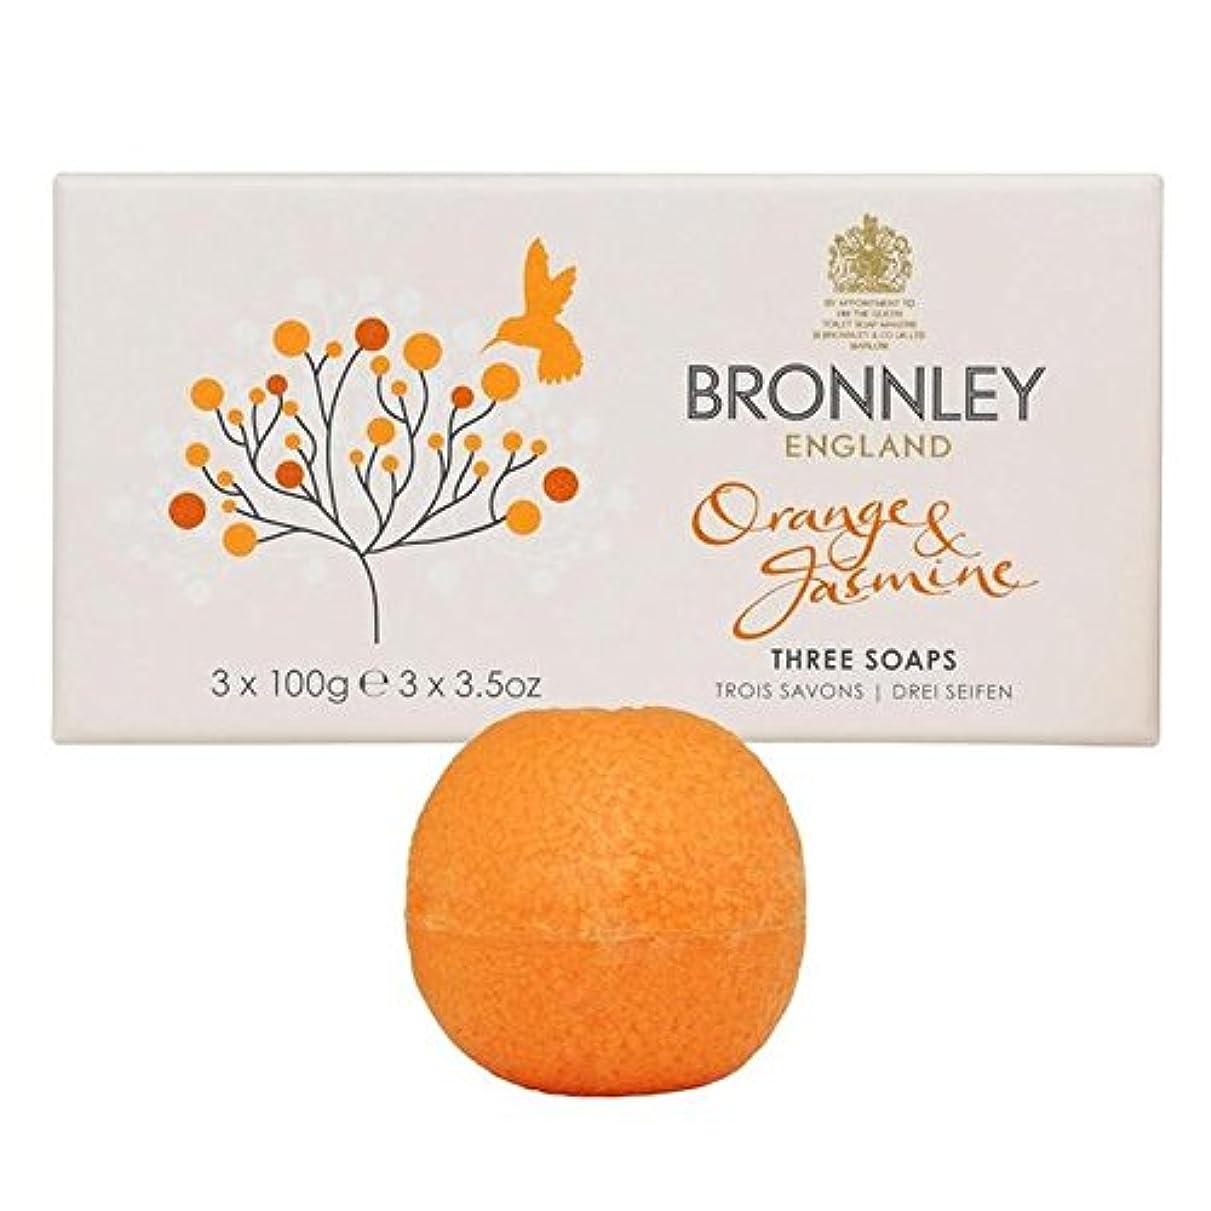 レーザタイマー食べるオレンジ&ジャスミン石鹸3×100グラム x4 - Bronnley Orange & Jasmine Soaps 3 x 100g (Pack of 4) [並行輸入品]